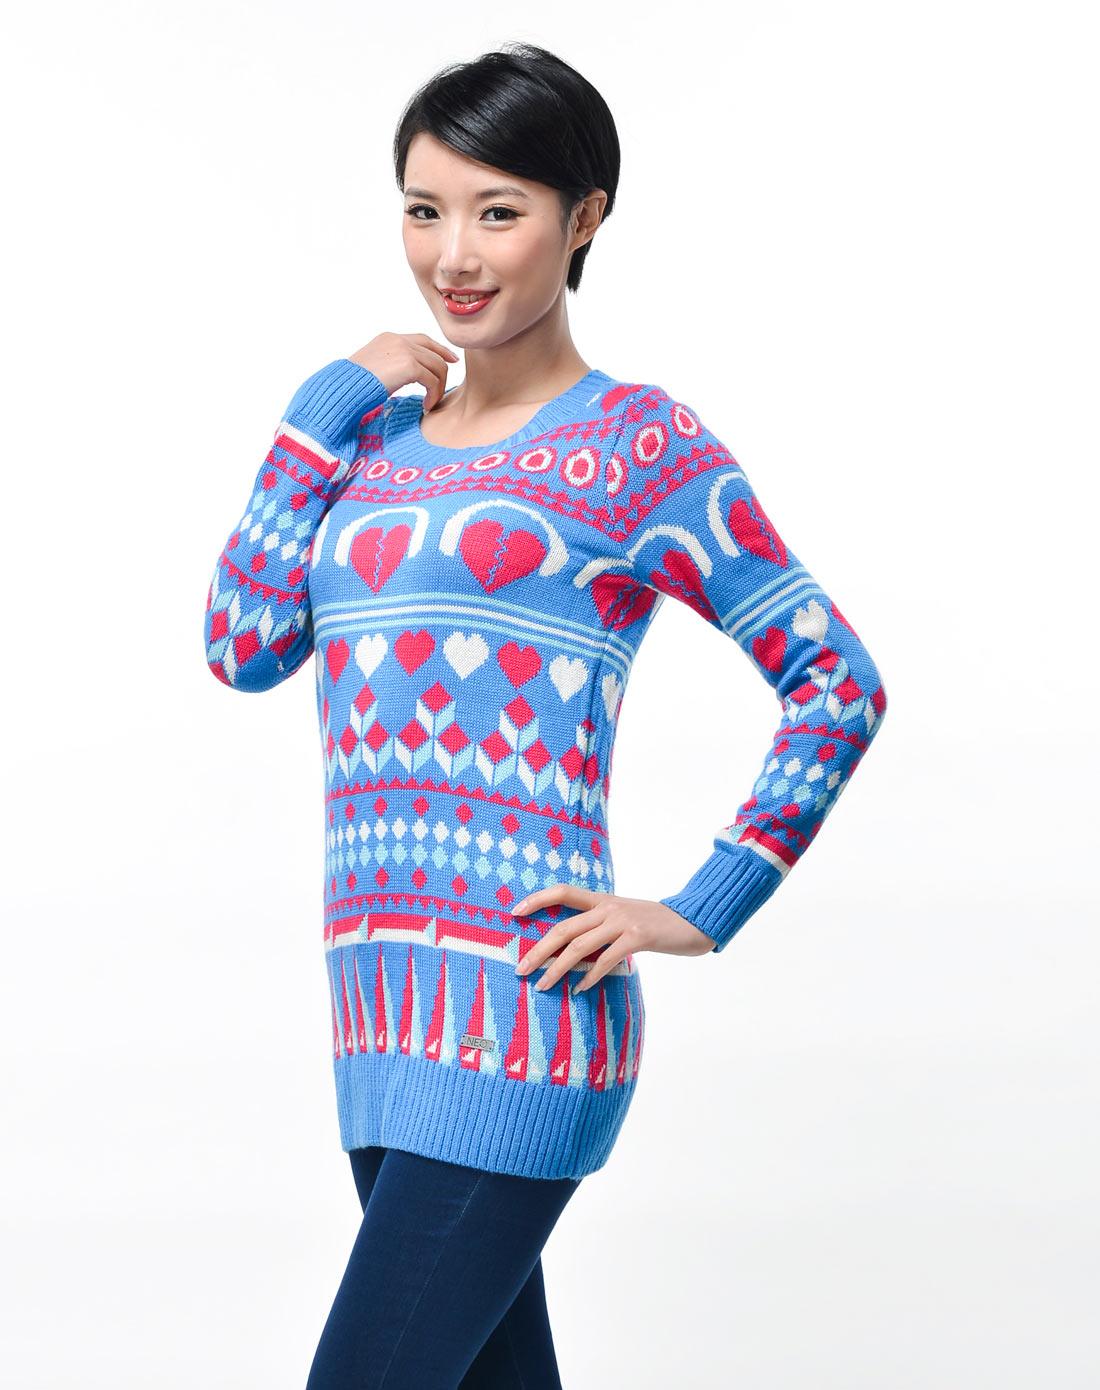 女子蓝底彩色图案毛衣